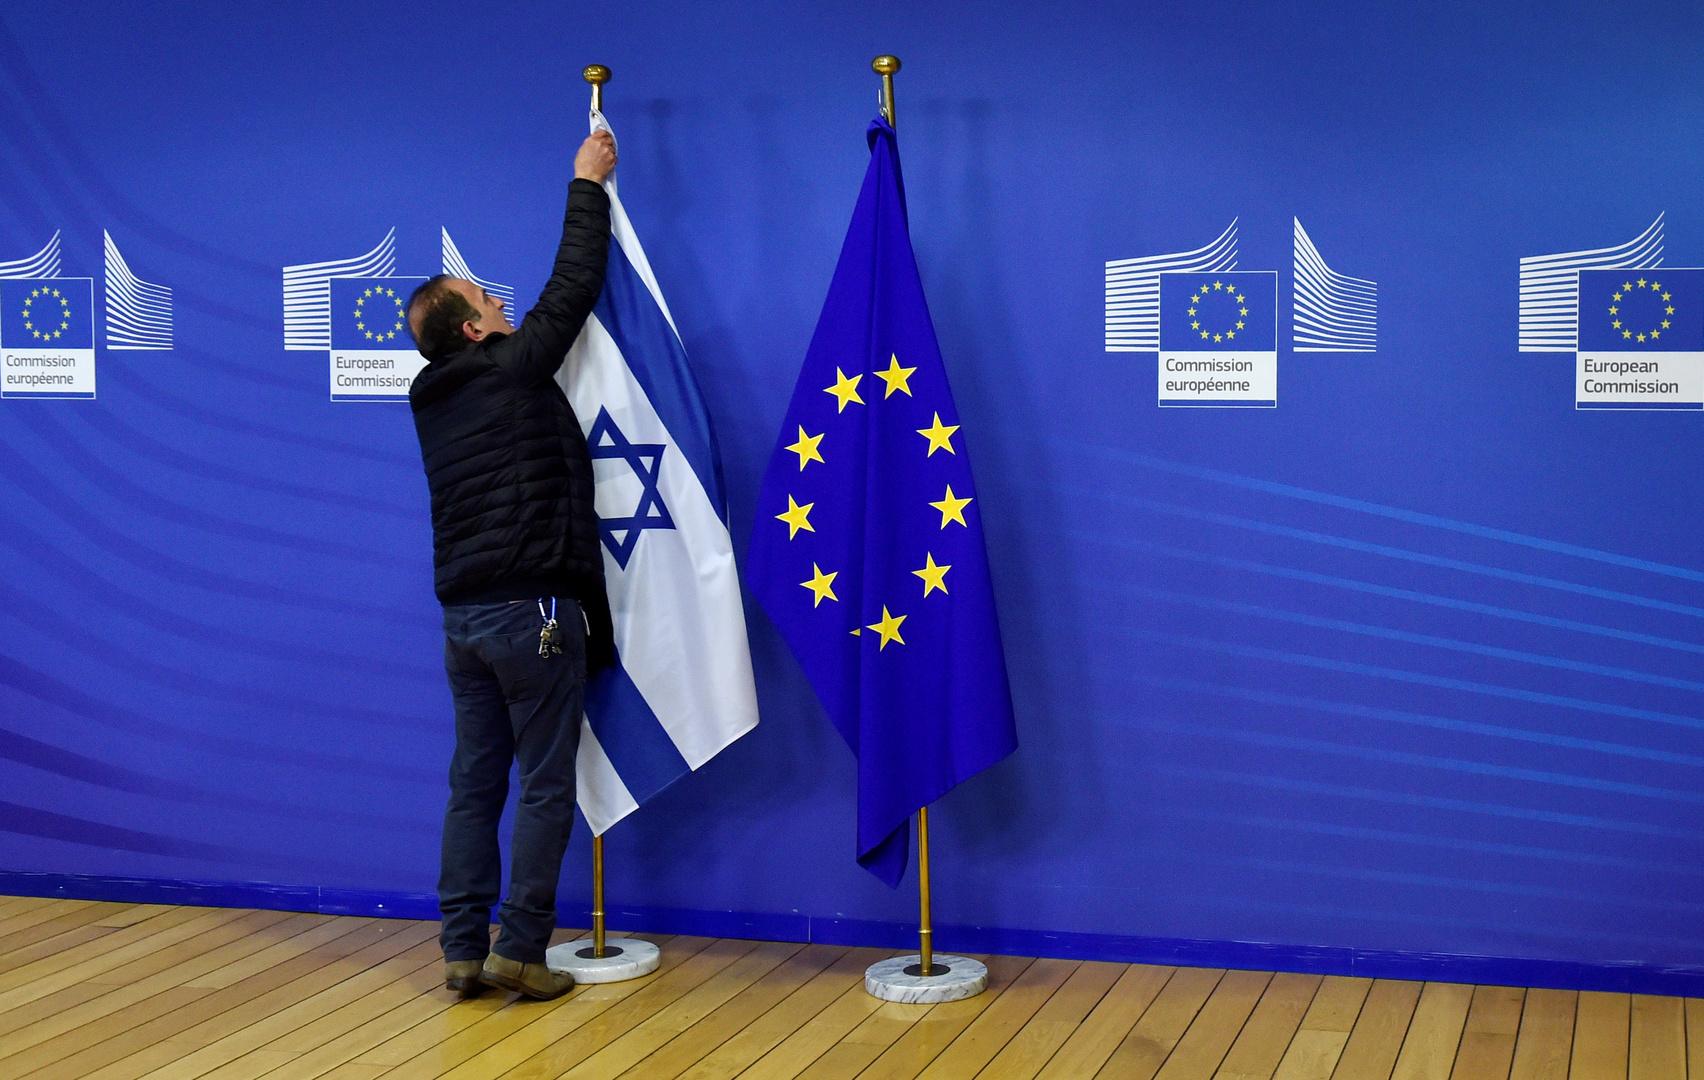 علم الاتحاد الأوروبي والعلم الإسرائيلي